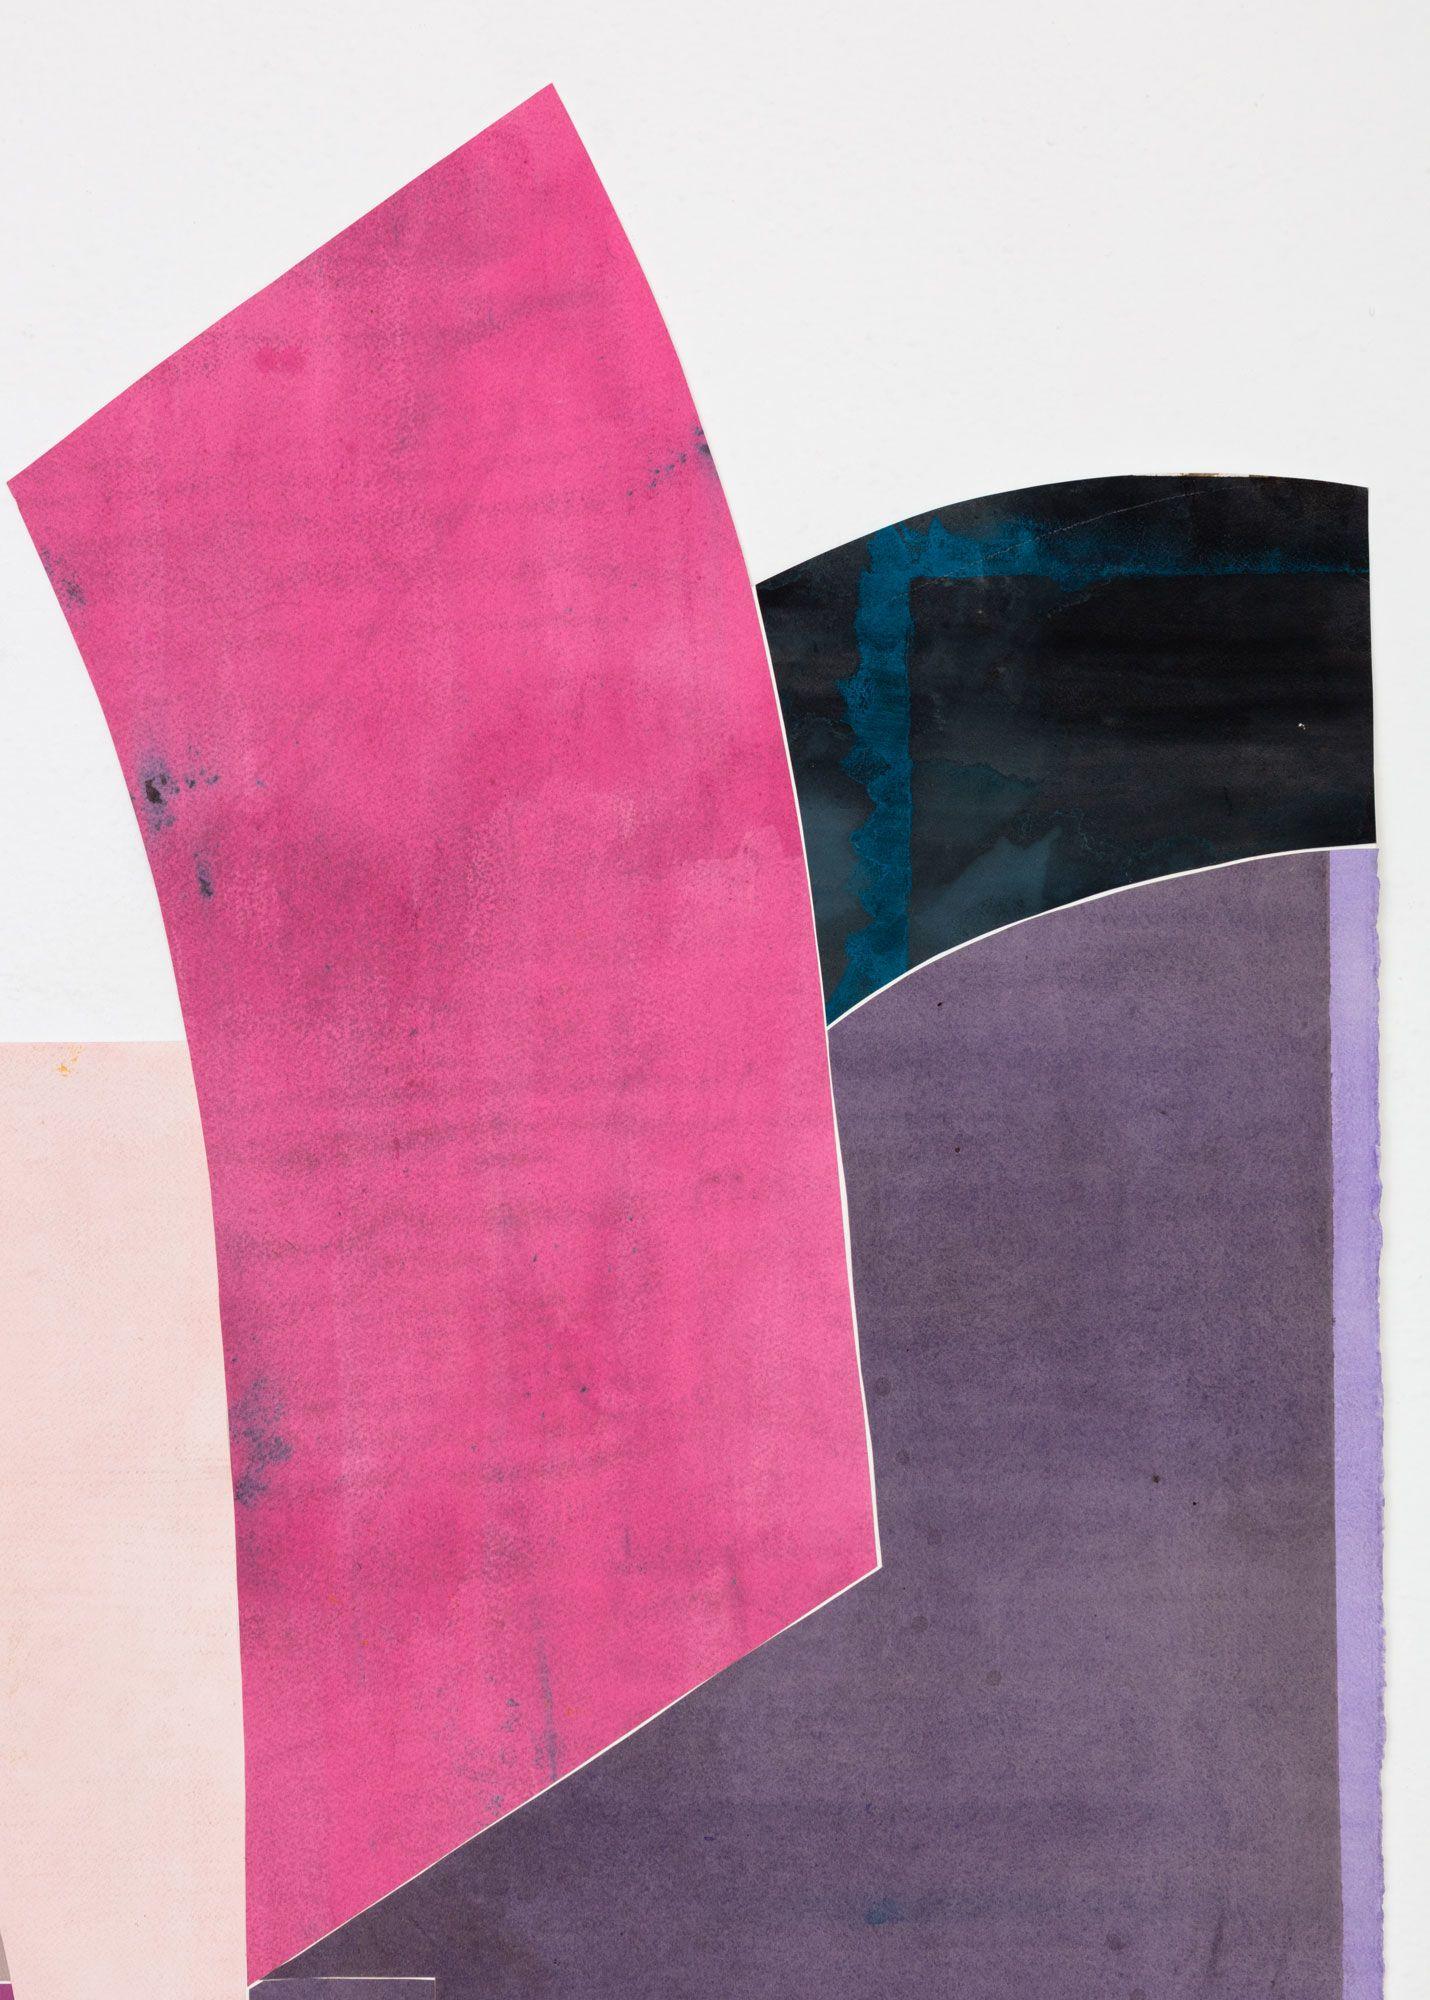 Untitled (floor paper, 2 pinks, 4 purples), detail